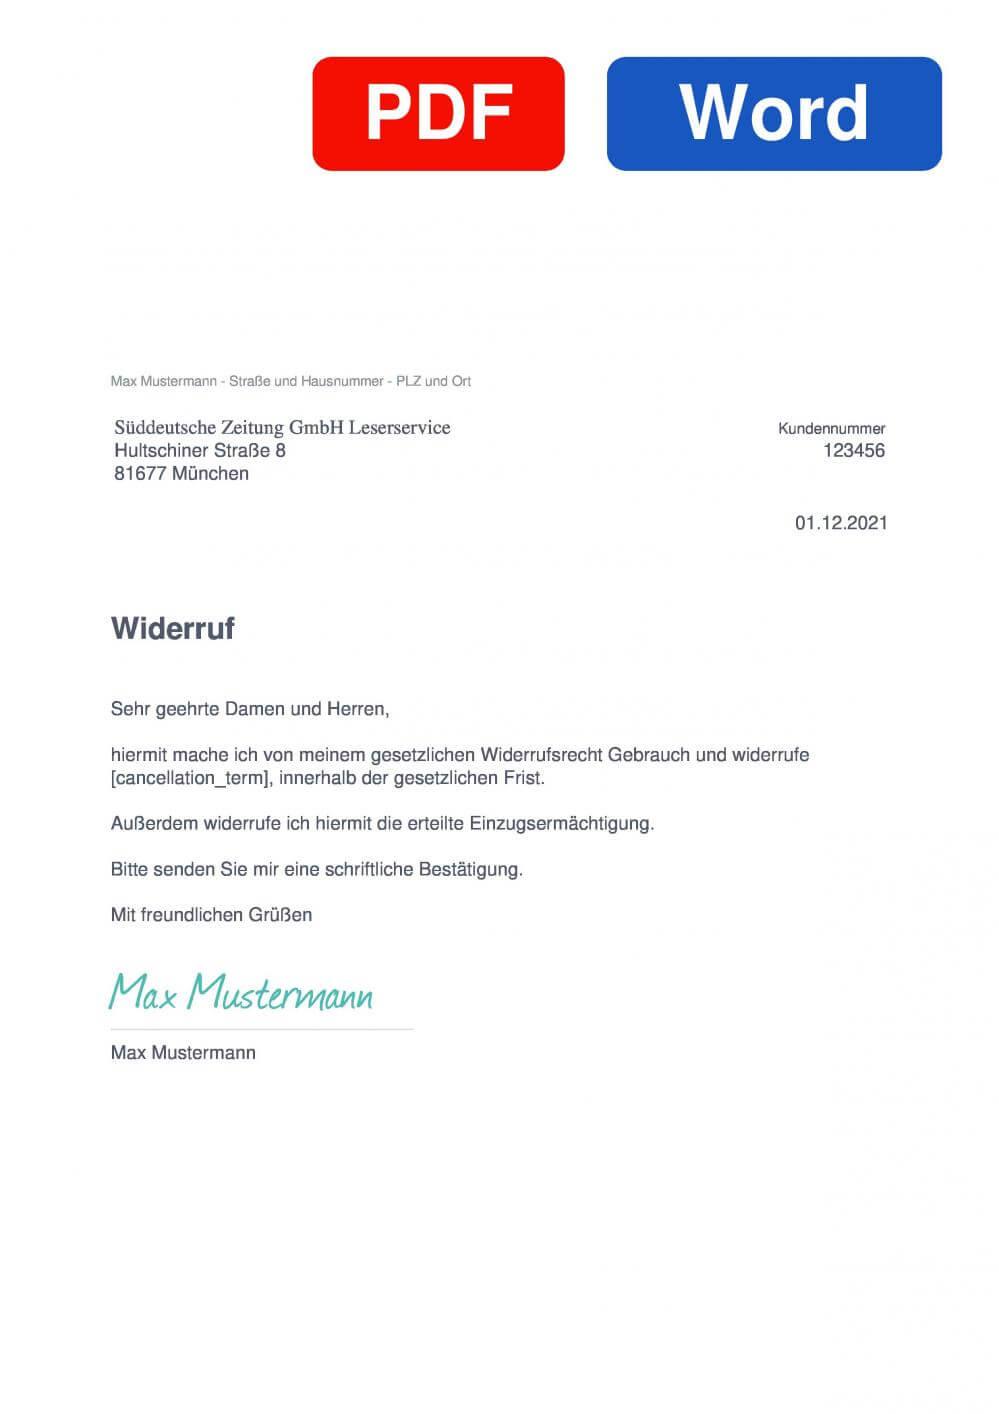 Süddeutsche Zeitung Muster Vorlage für Wiederrufsschreiben